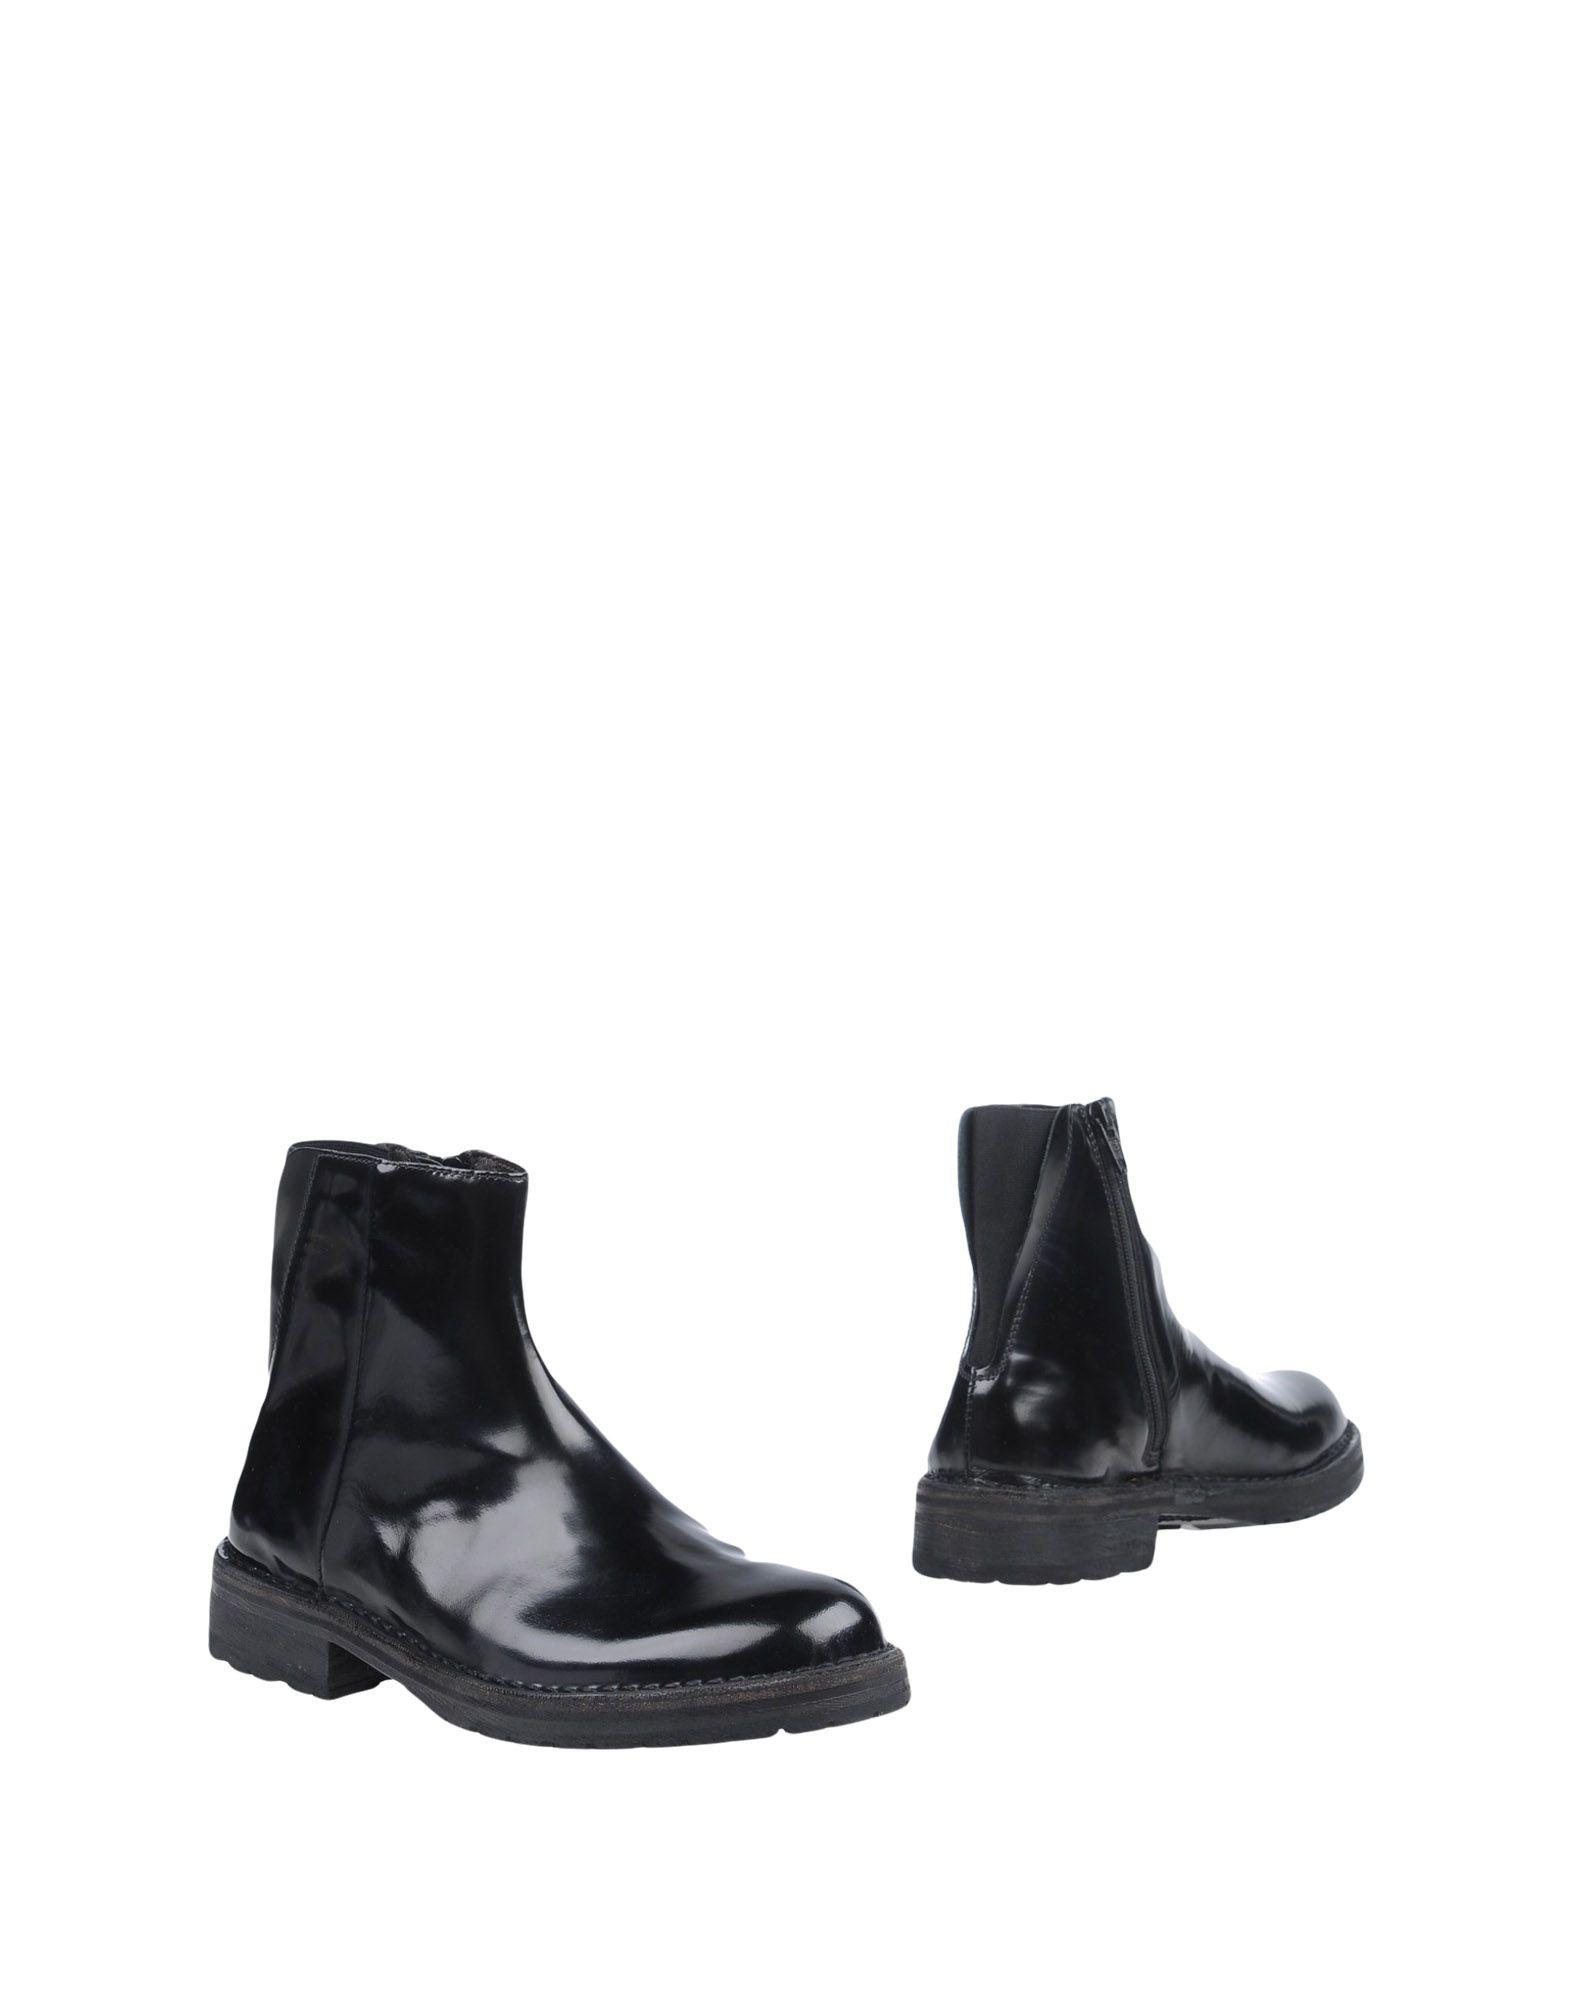 Boemos Stiefelette Damen  11350745WT Gute Qualität beliebte Schuhe